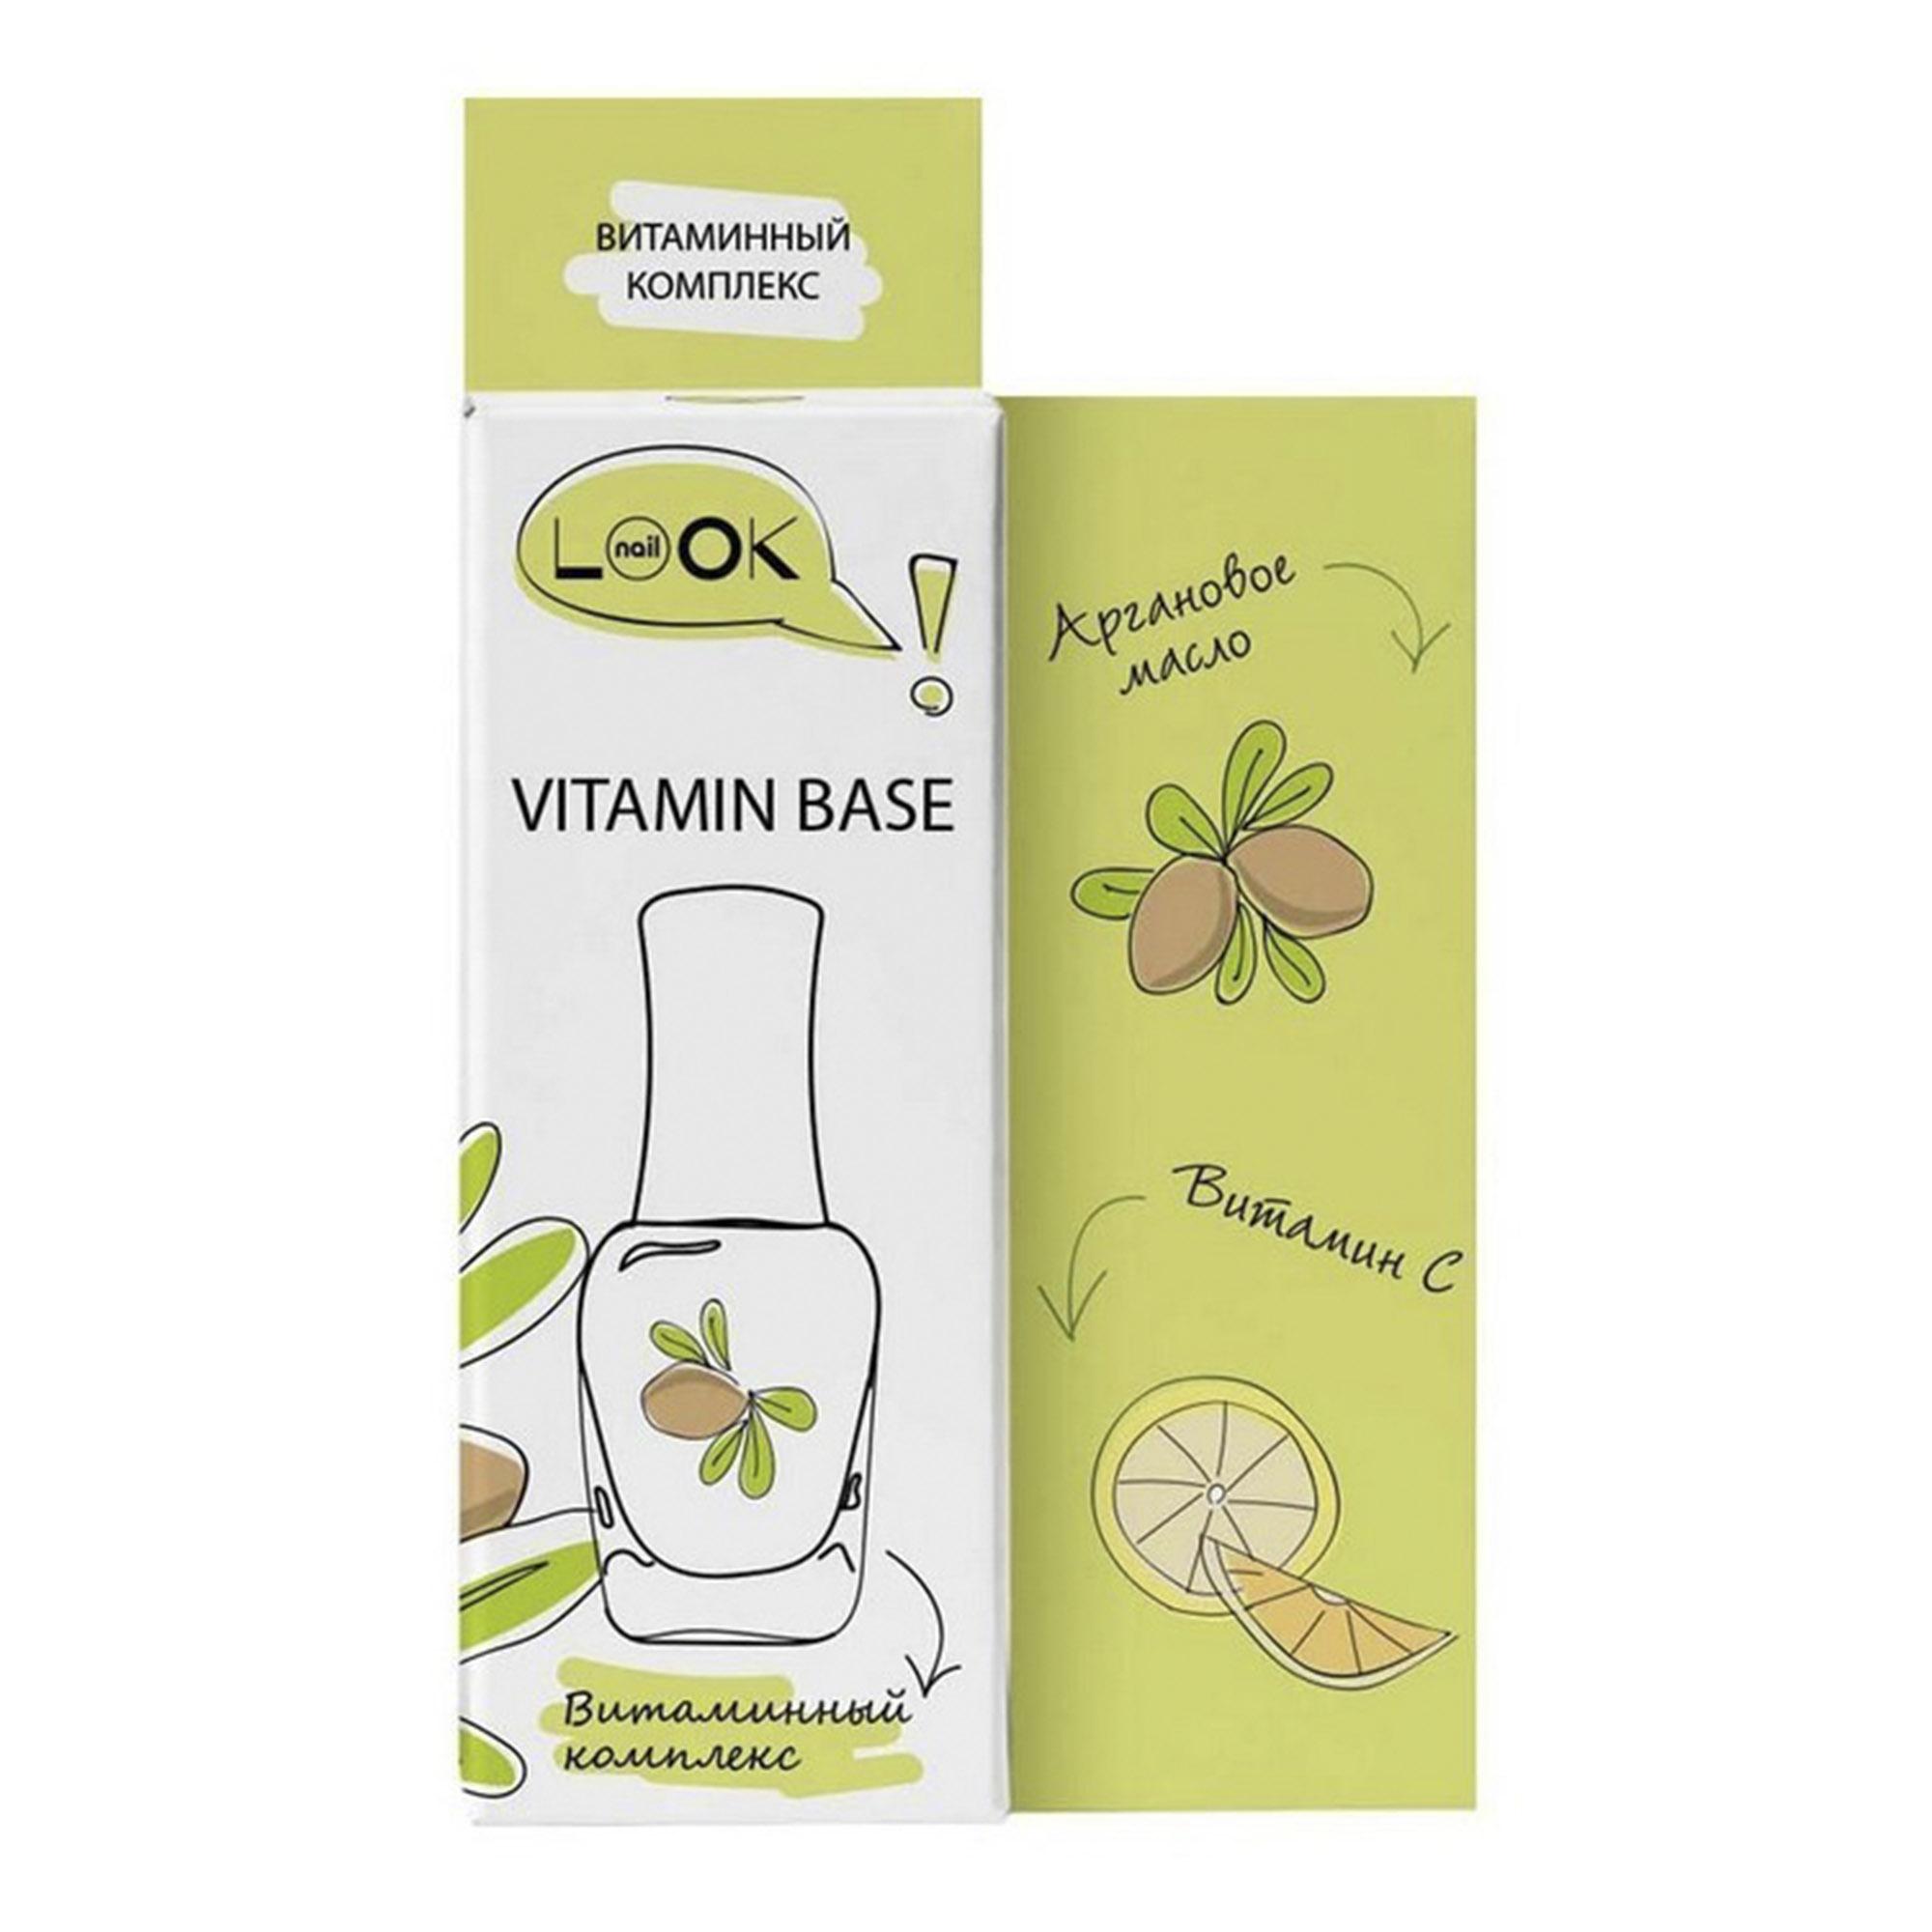 Витаминный комплекс NailLOOK для восстановления 12 мл прихватка василиса витаминный микс 21х21см лен 30